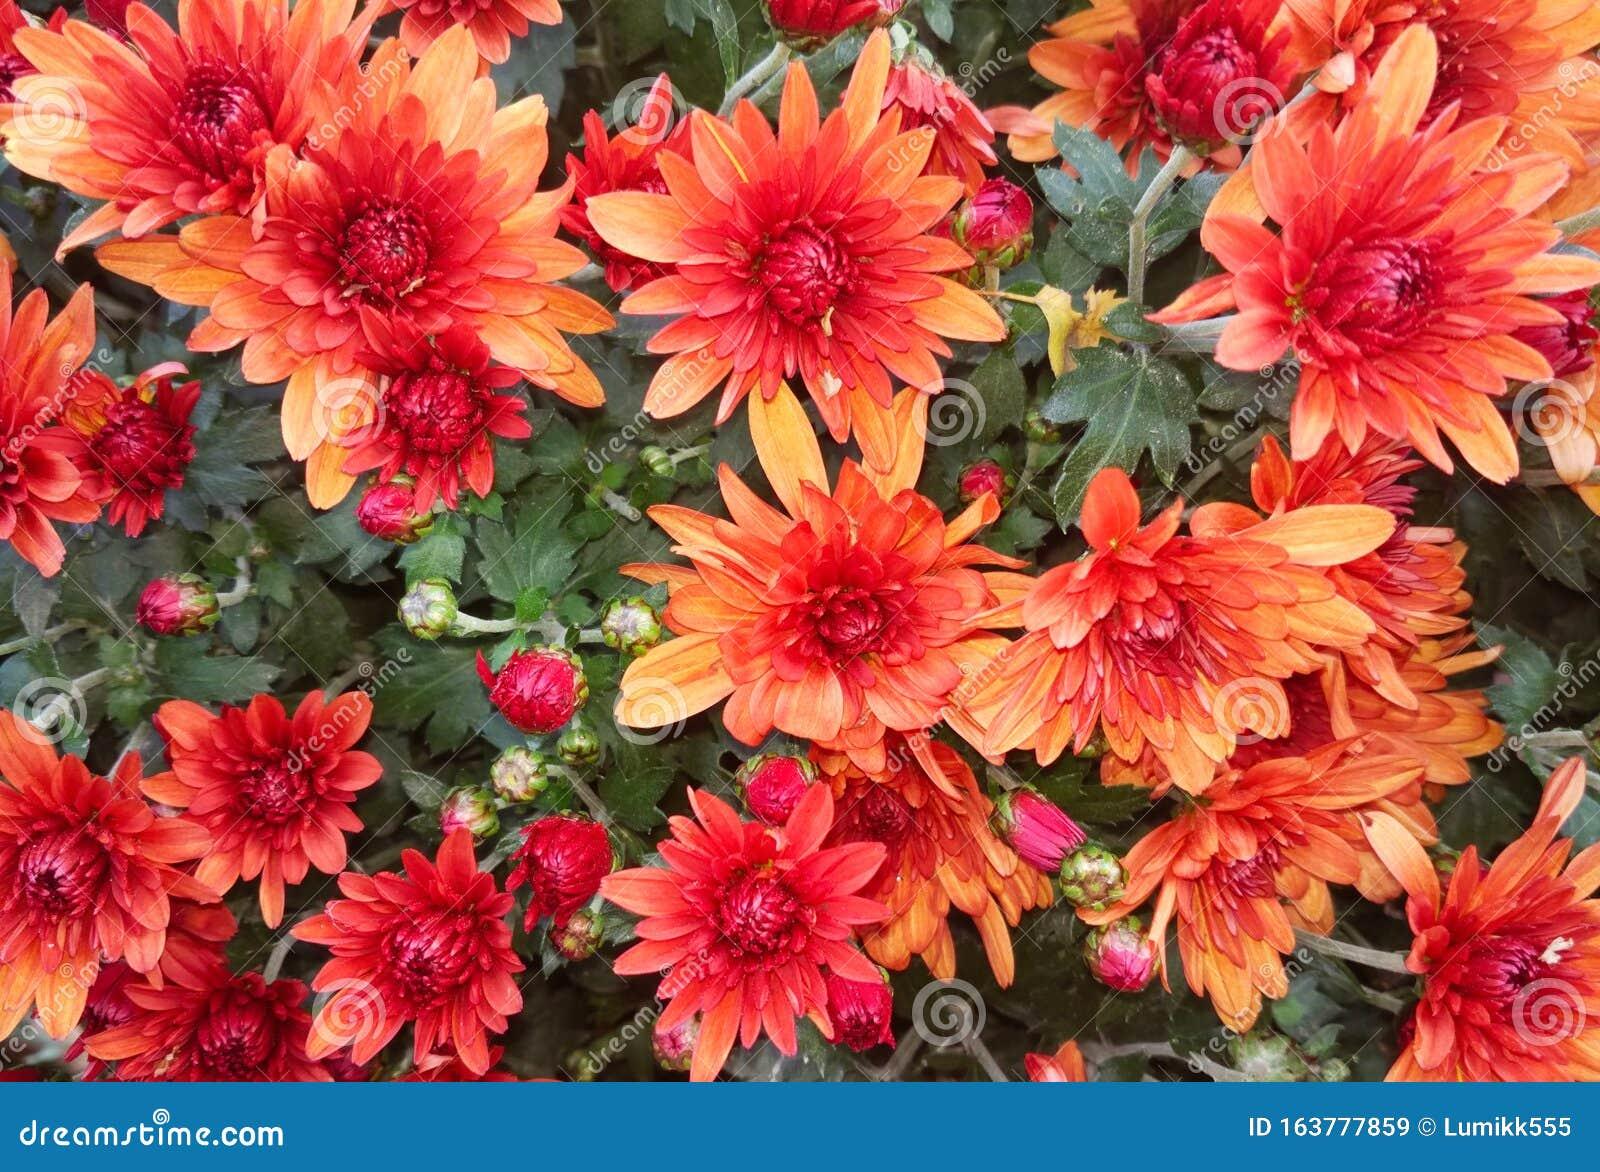 Beautiful Nature Background Of Red Orange Chrysanthemum Flowers